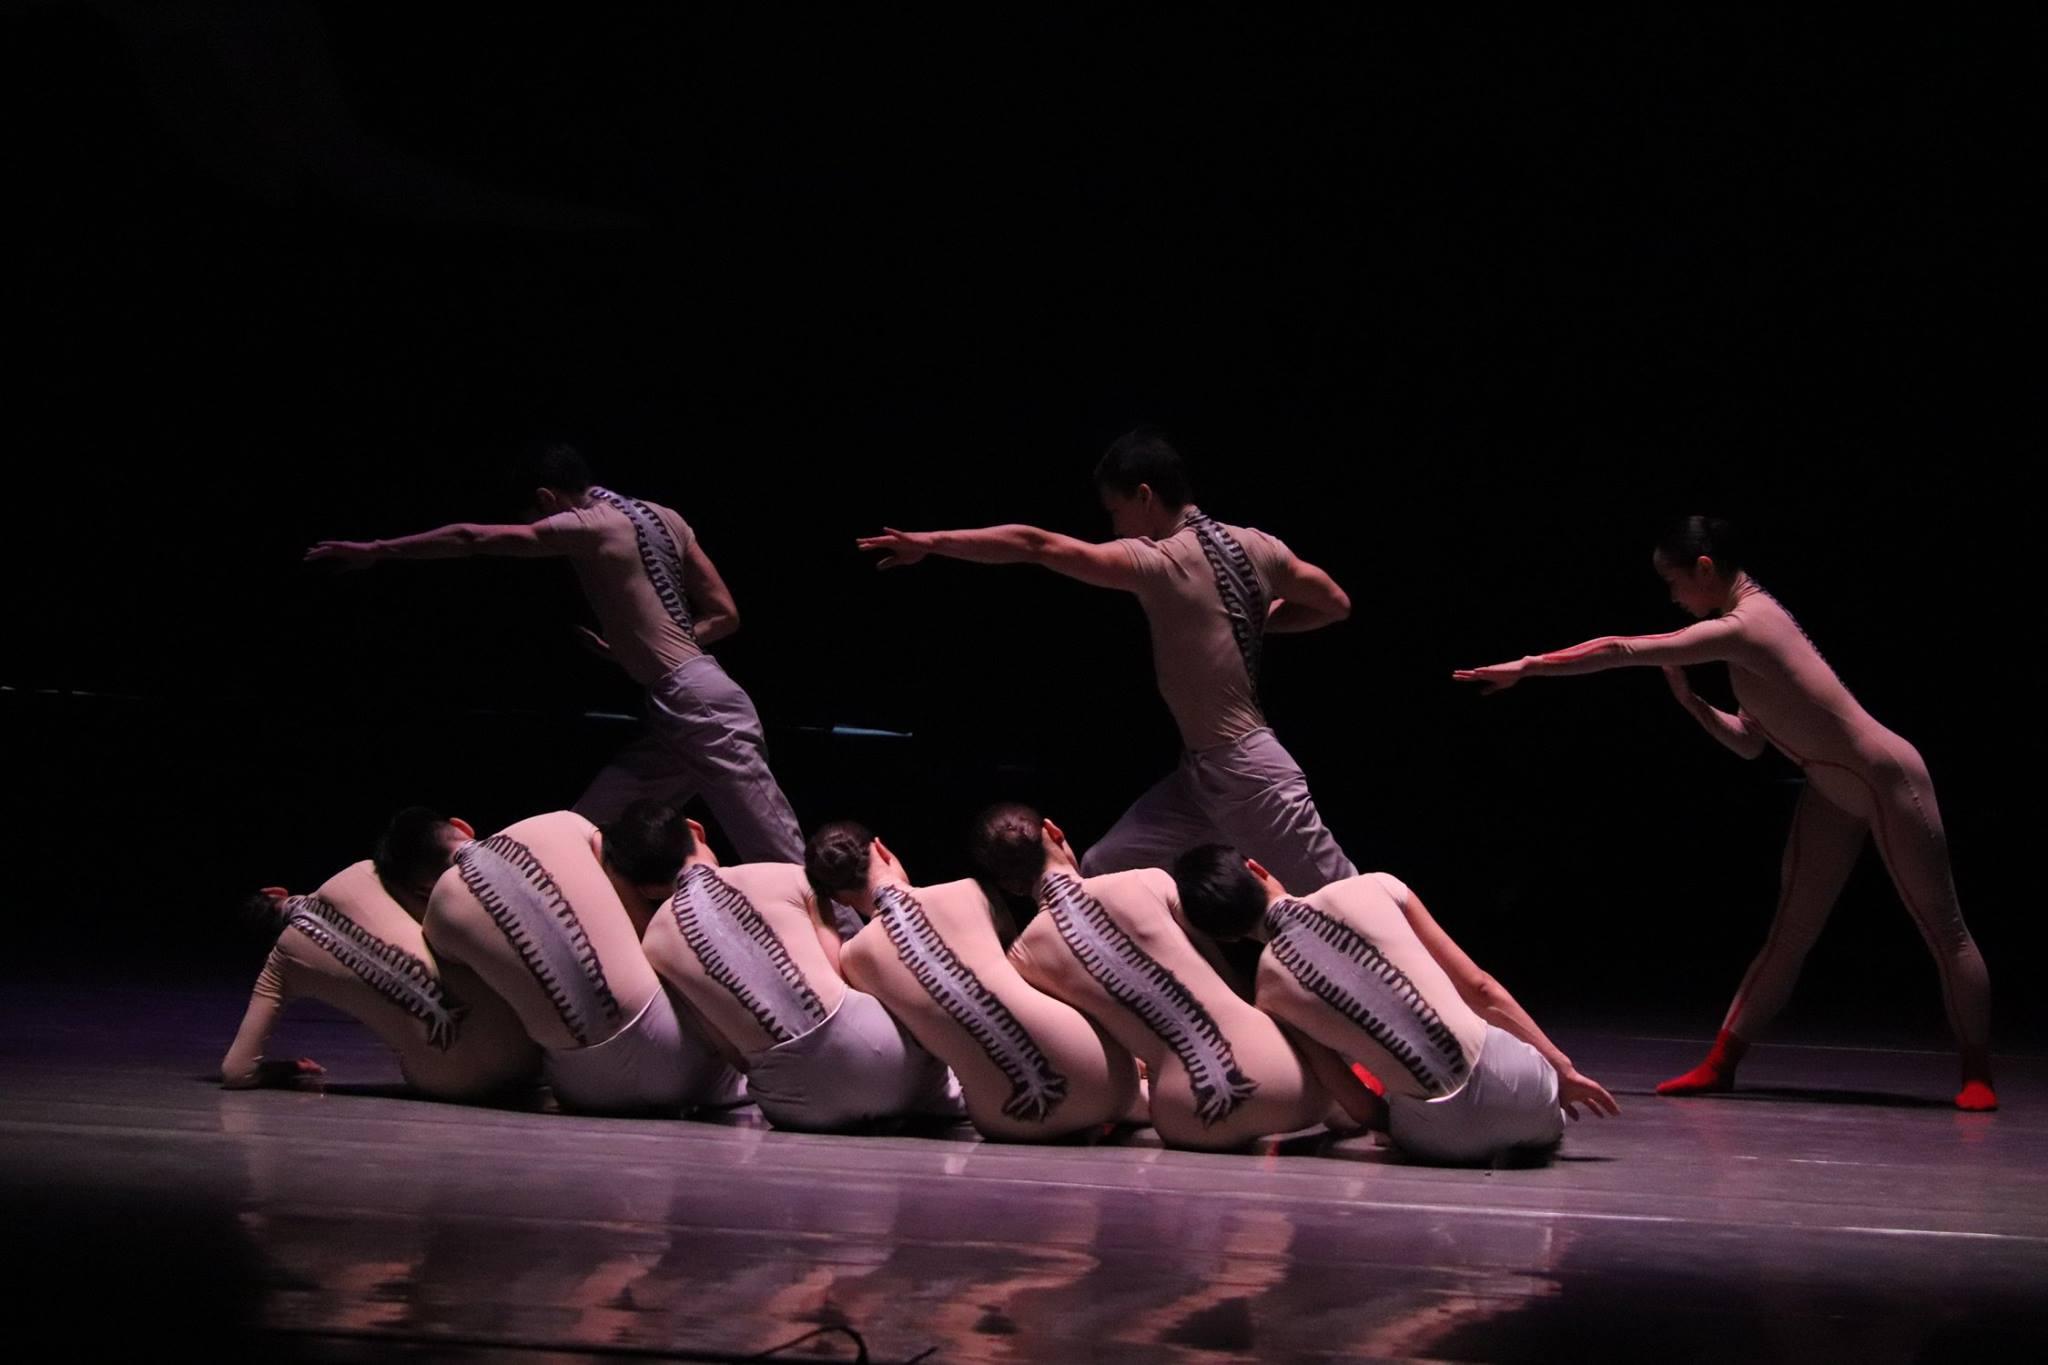 """А.Өлзий-Орших: """"Legend"""" шоу язгуур болон орчин үеийн урлаг, бүжгэн жүжгийг хослуулсан өвөрмөц тоглолт болно"""